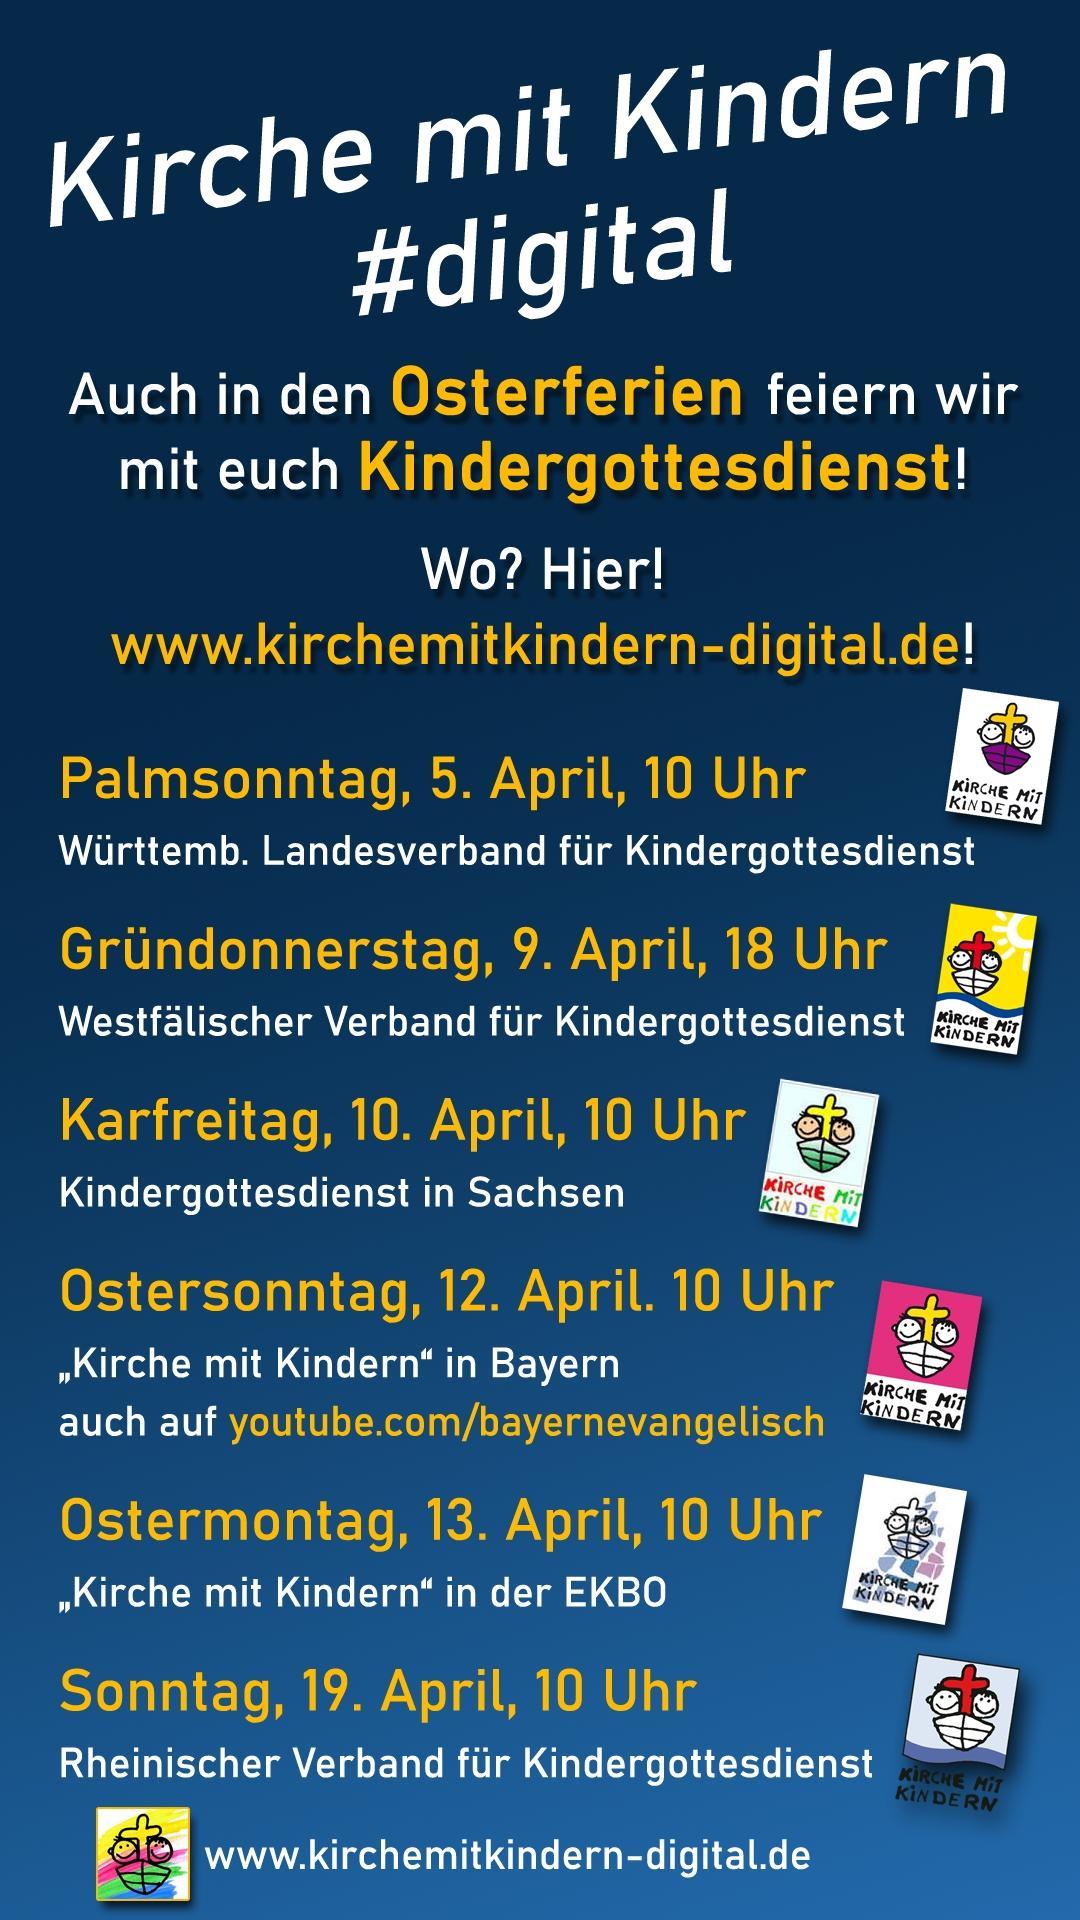 Digitale Angebote Kindergottesdienst